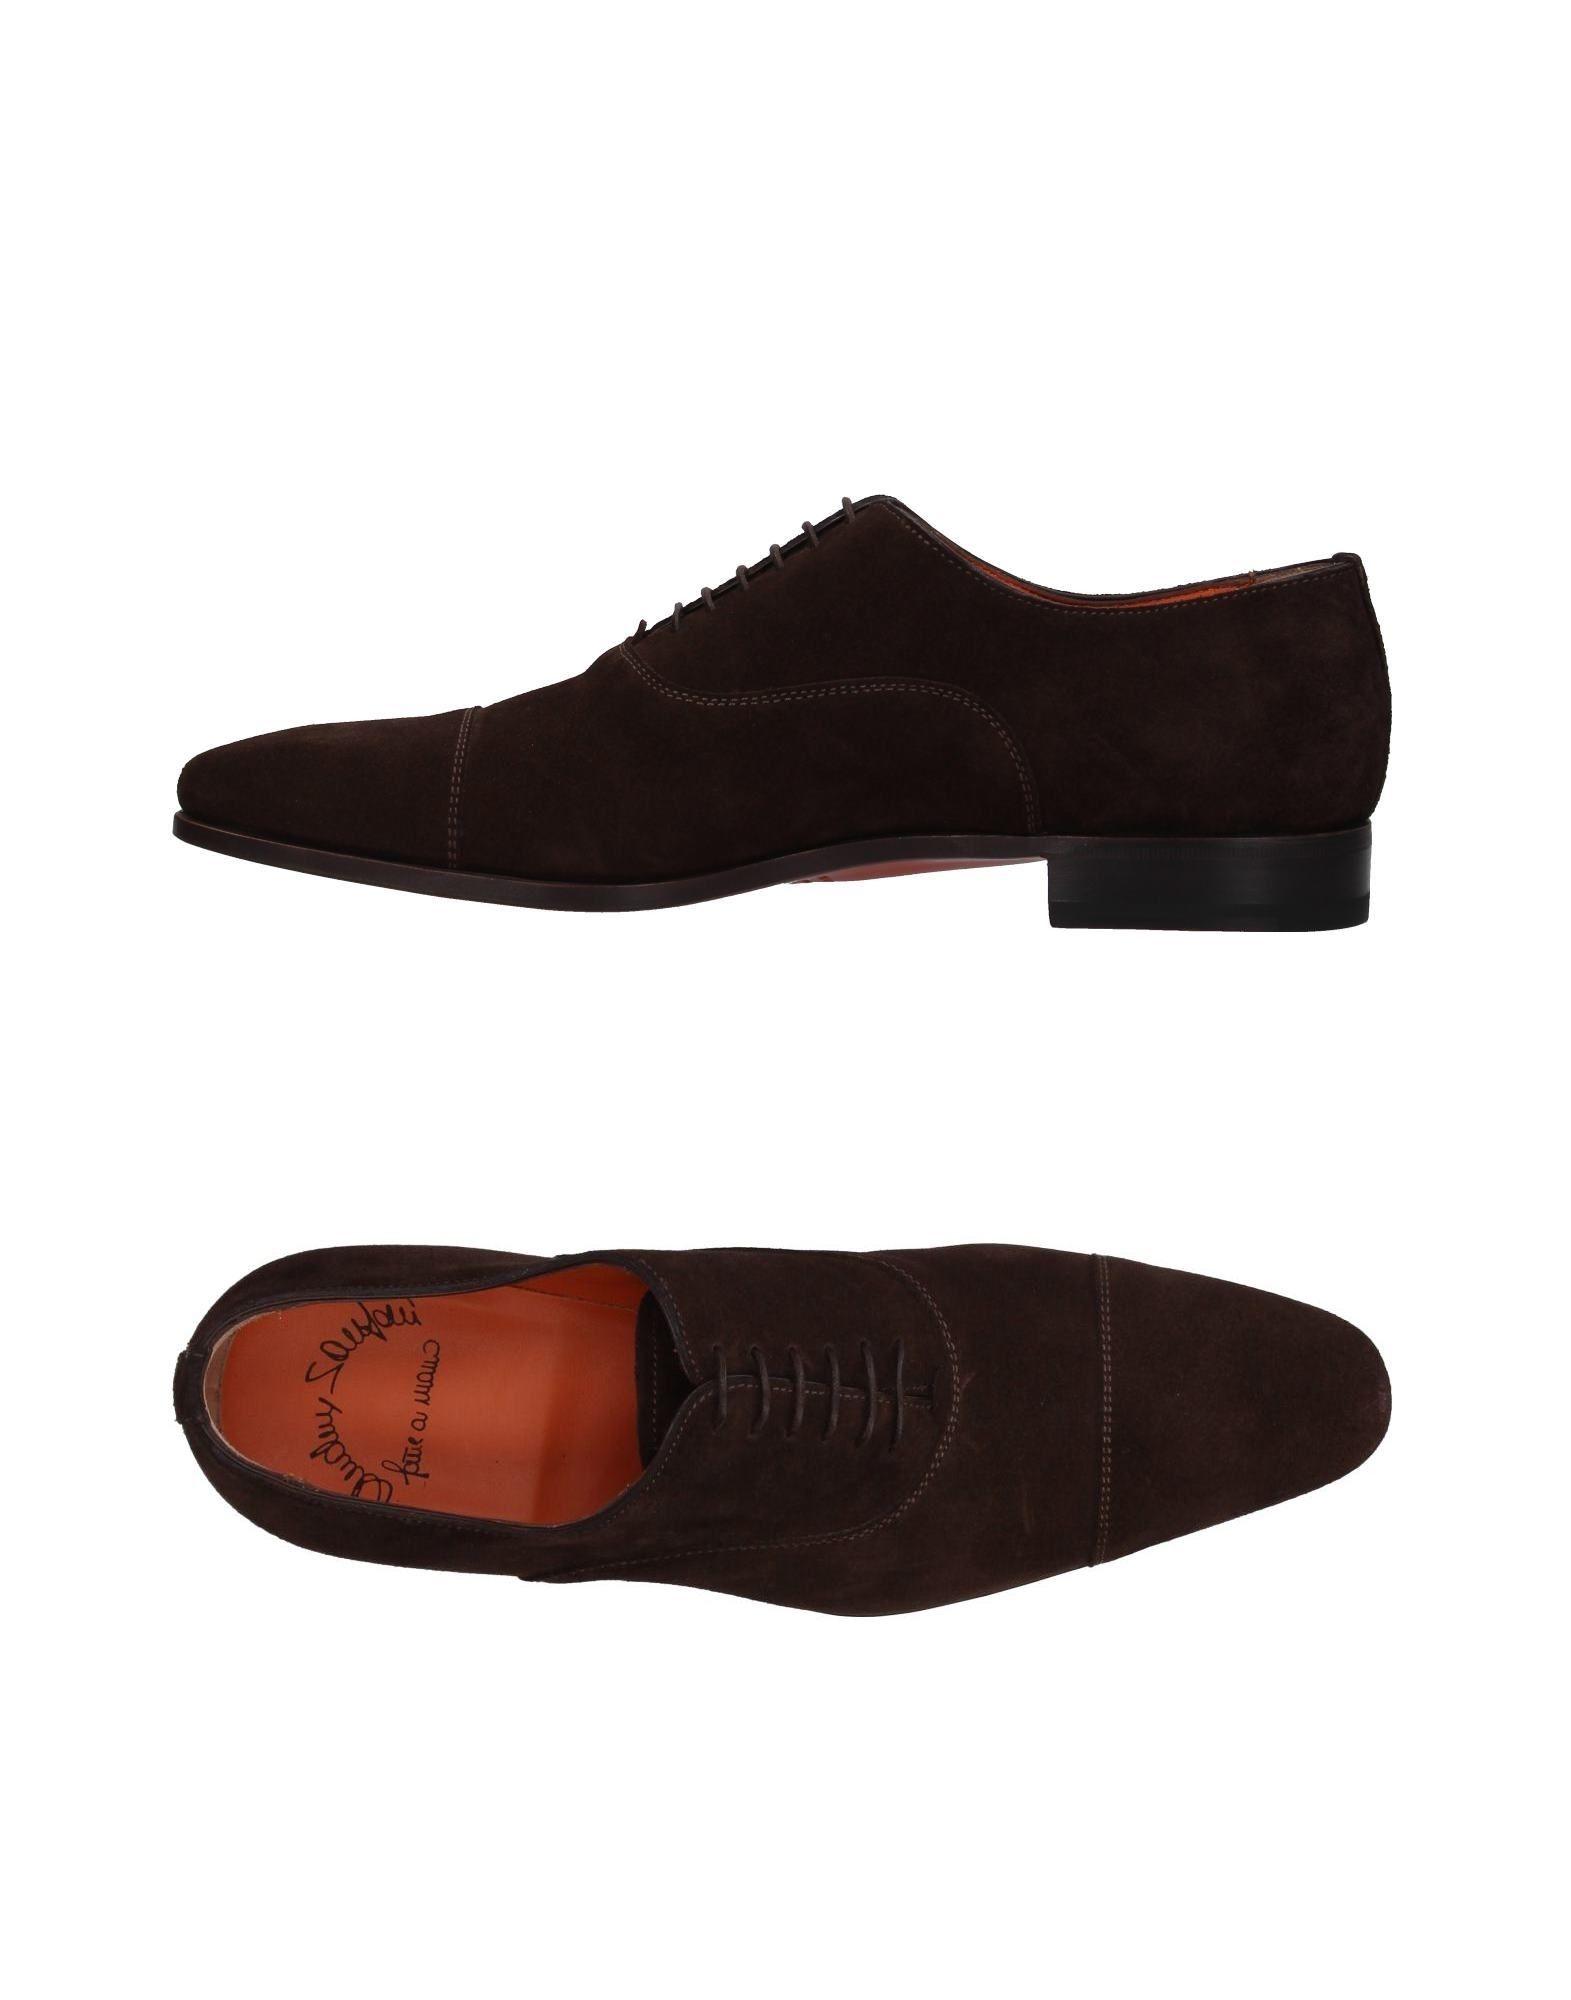 Santoni Schnürschuhe Herren  11409466DB Gute Qualität beliebte Schuhe